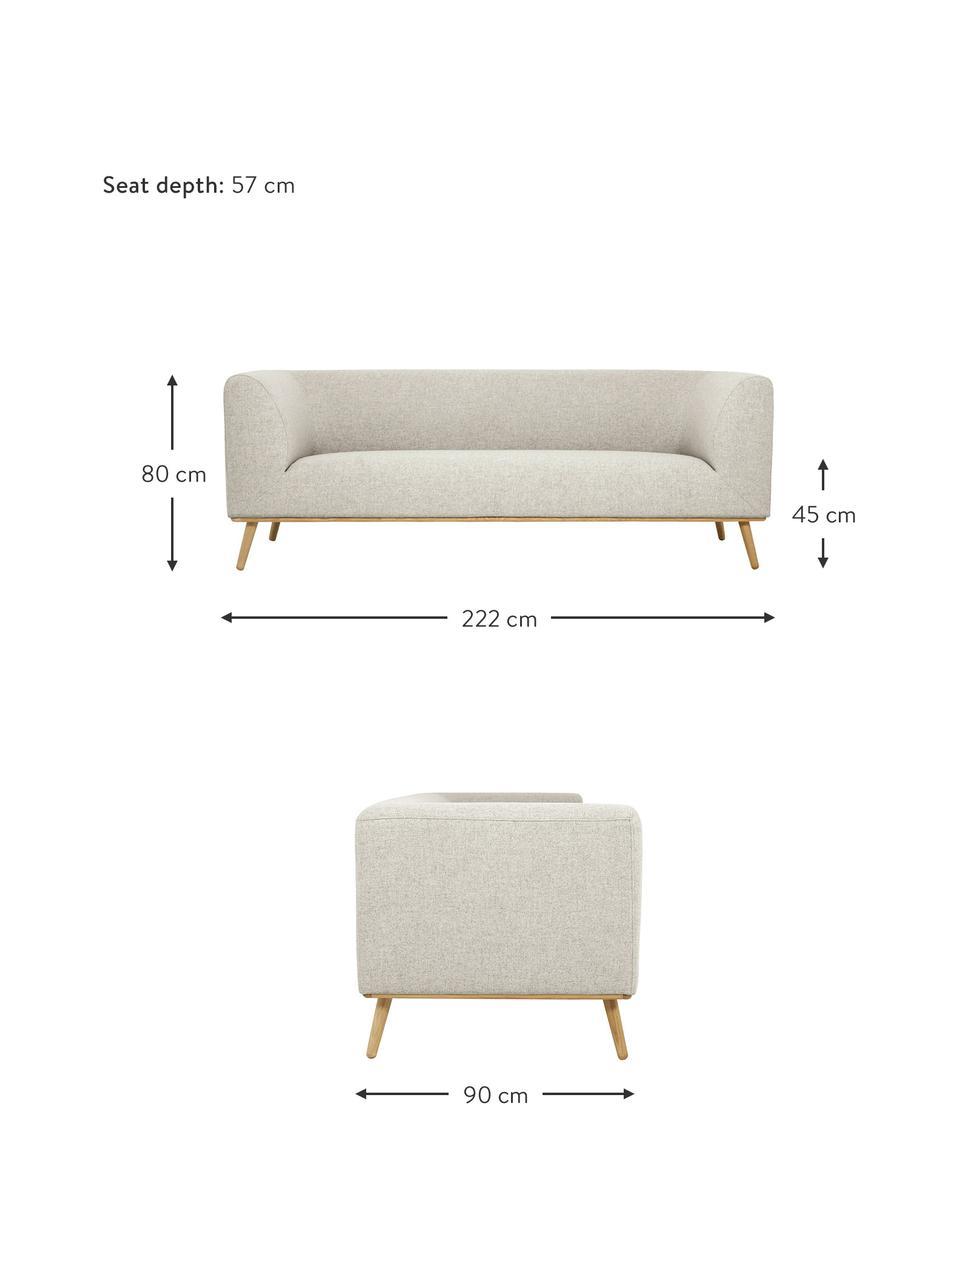 Sofa Archie (3-Sitzer) in Beige mit Eichenholz-Füße, Bezug: 100% Wolle 30.000 Scheuer, Gestell: Kiefernholz, Füße: Massives Eichenholz, geöl, Webstoff Beige, B 222 x T 90 cm